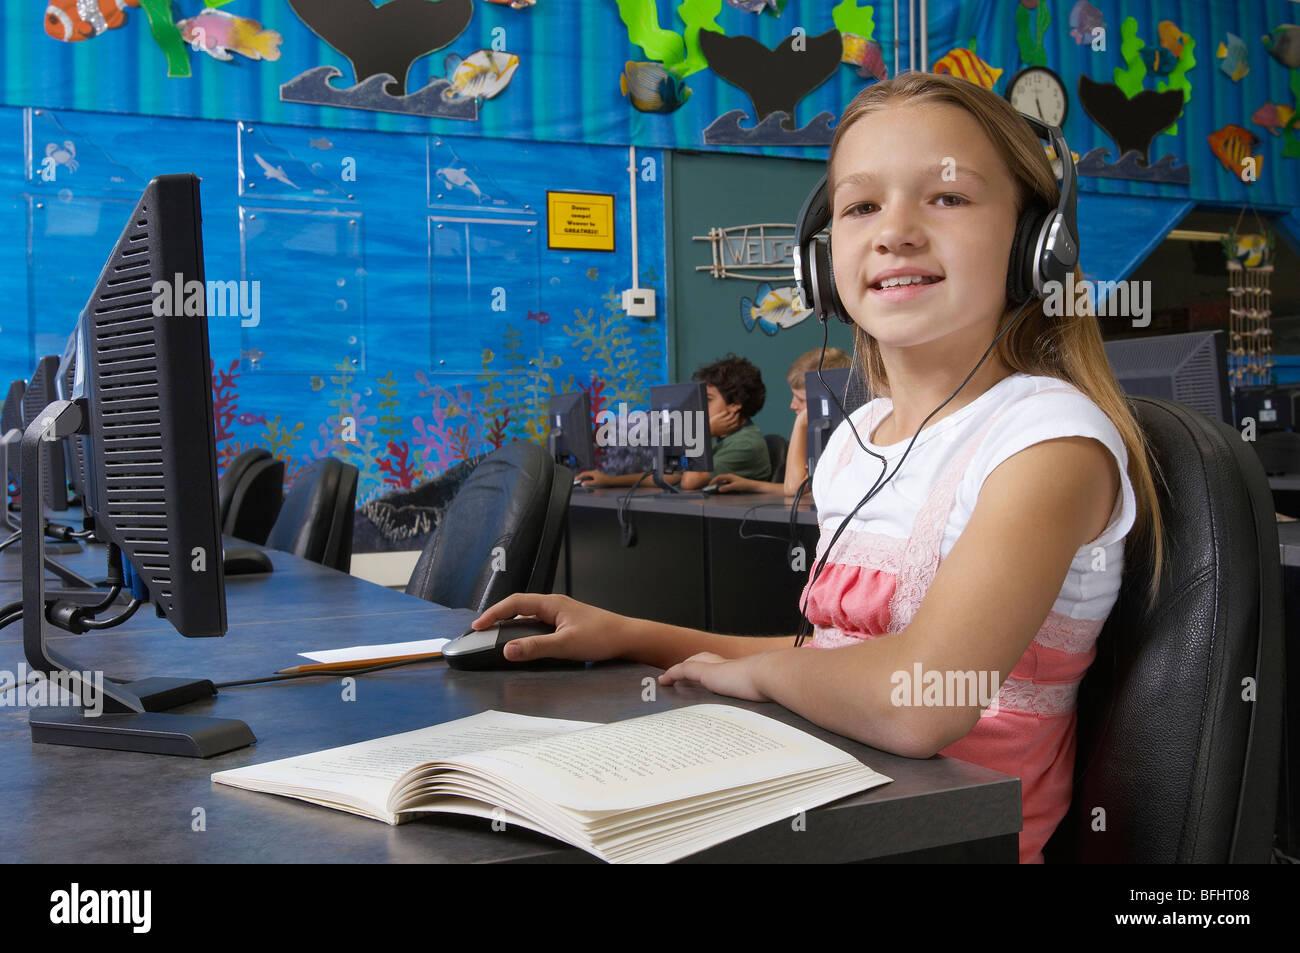 School girl wearing headphones in computer room, portrait Stock Photo